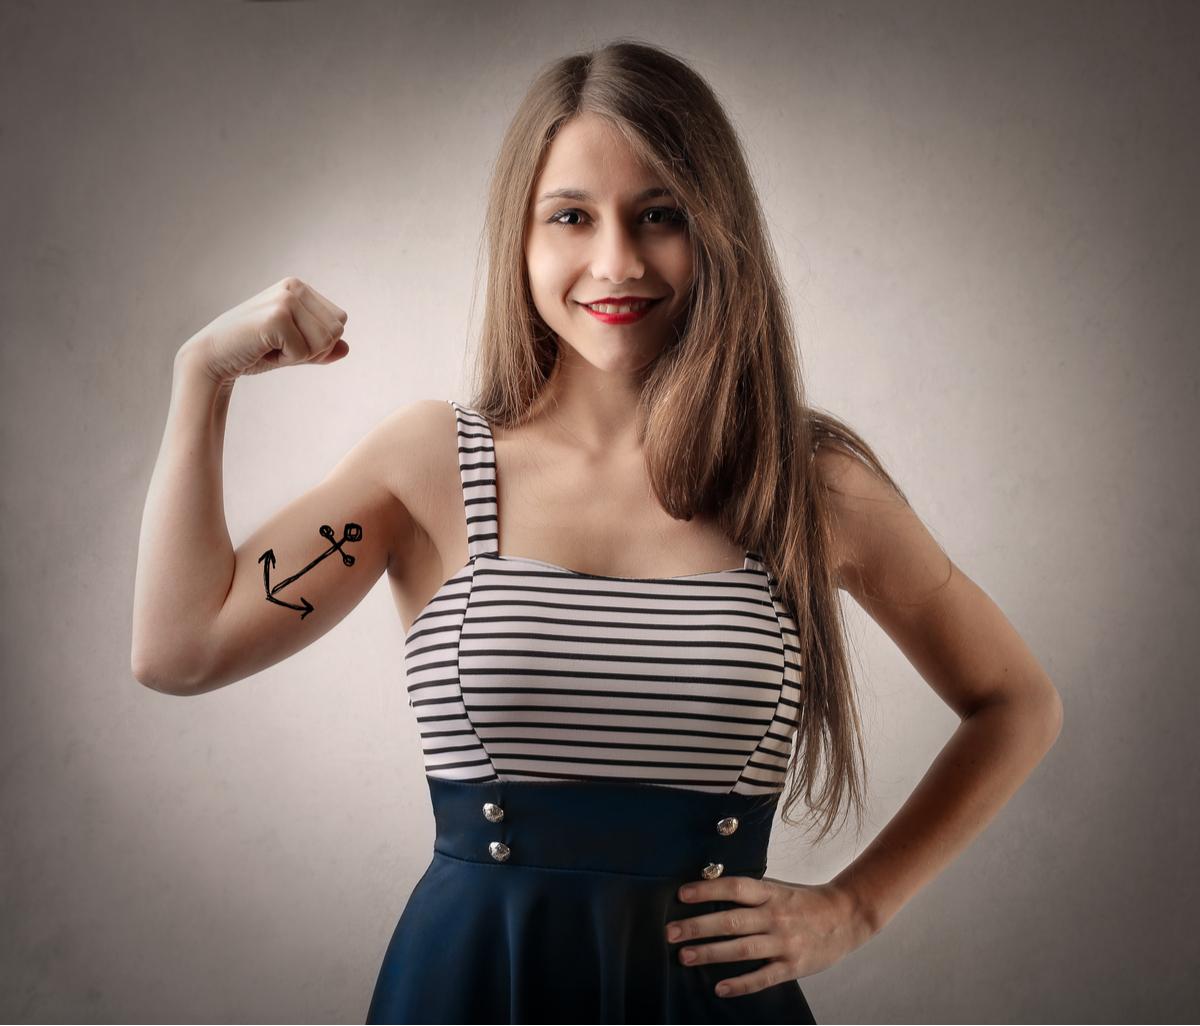 Ragazza con tatuaggio a forma di ancora